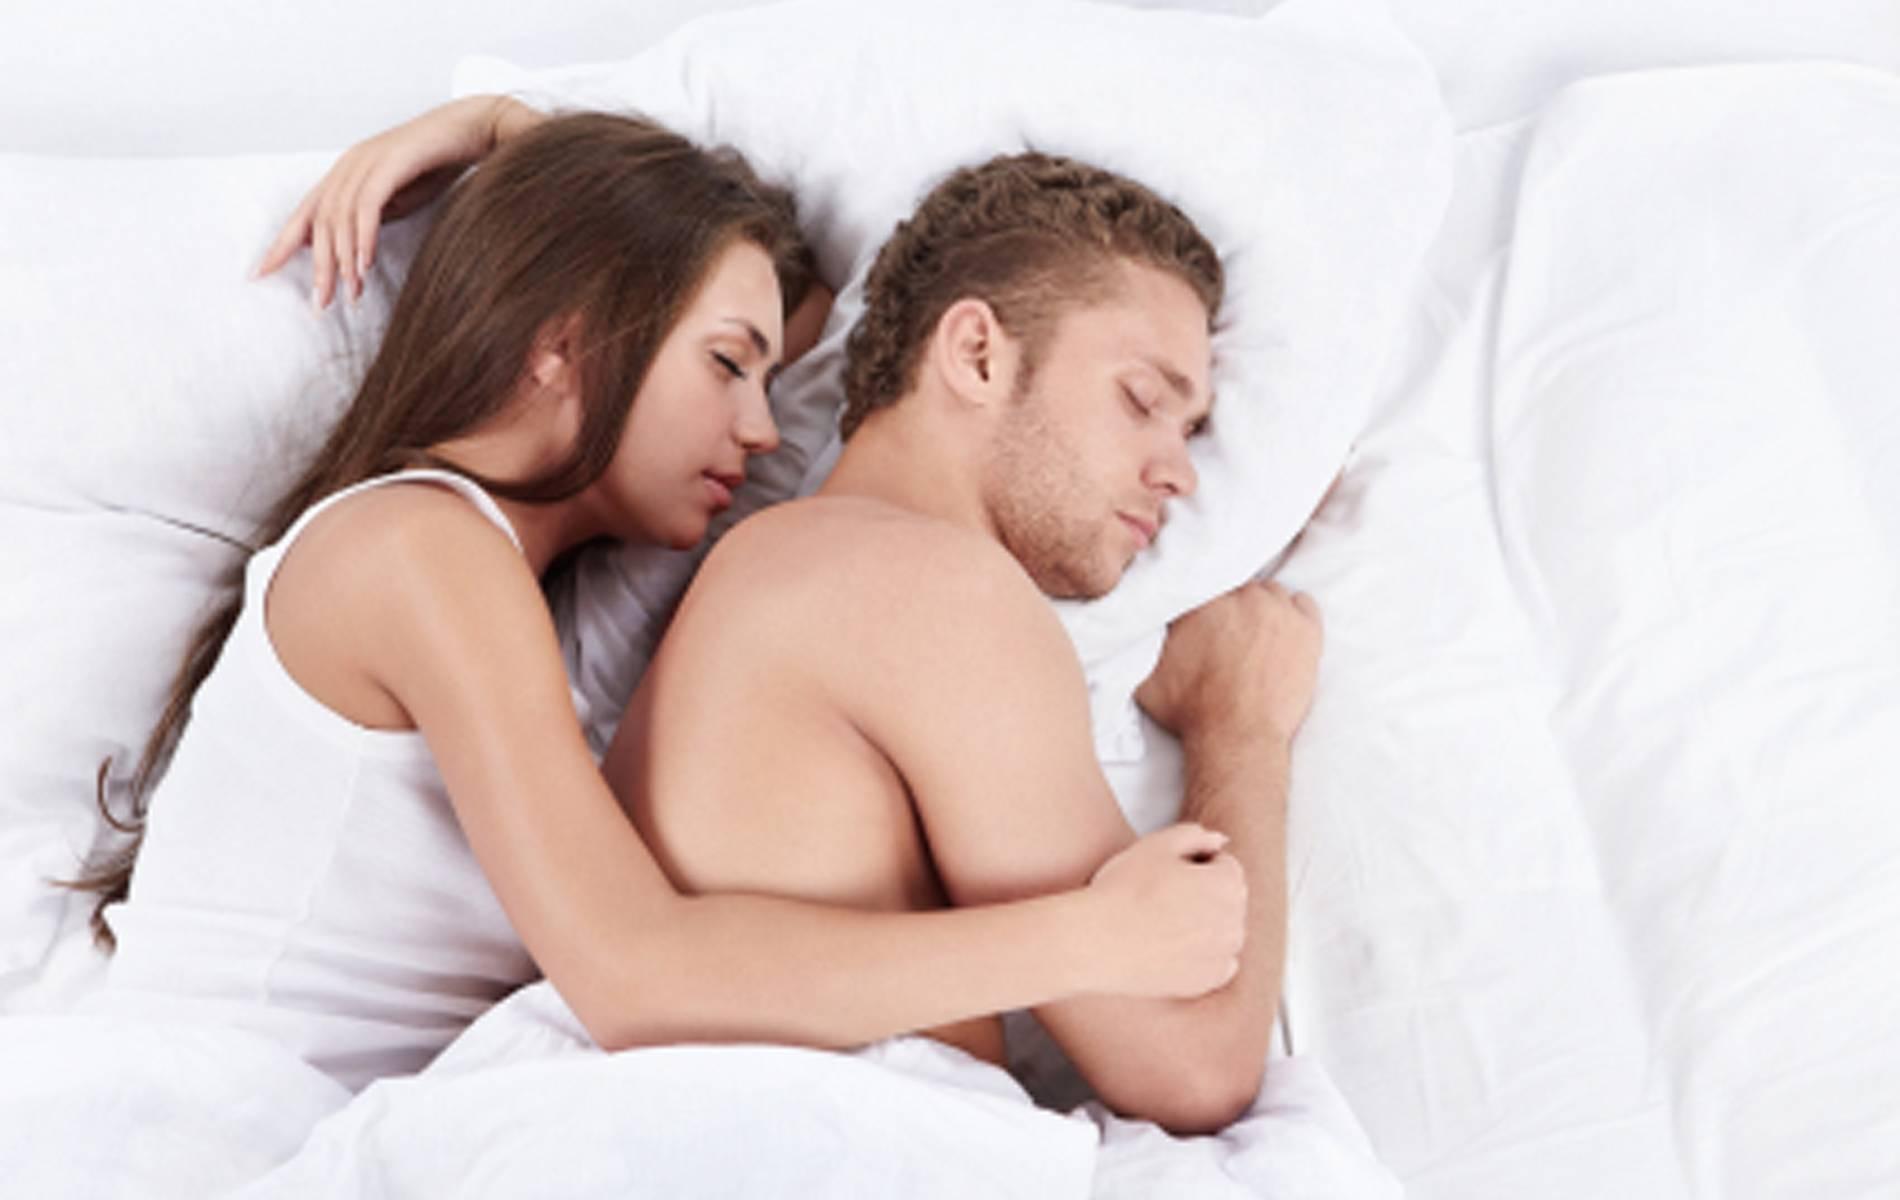 Секс вдвоем в одну дырку, Два члена в одну дырку: порно видео онлайн, смотреть 14 фотография